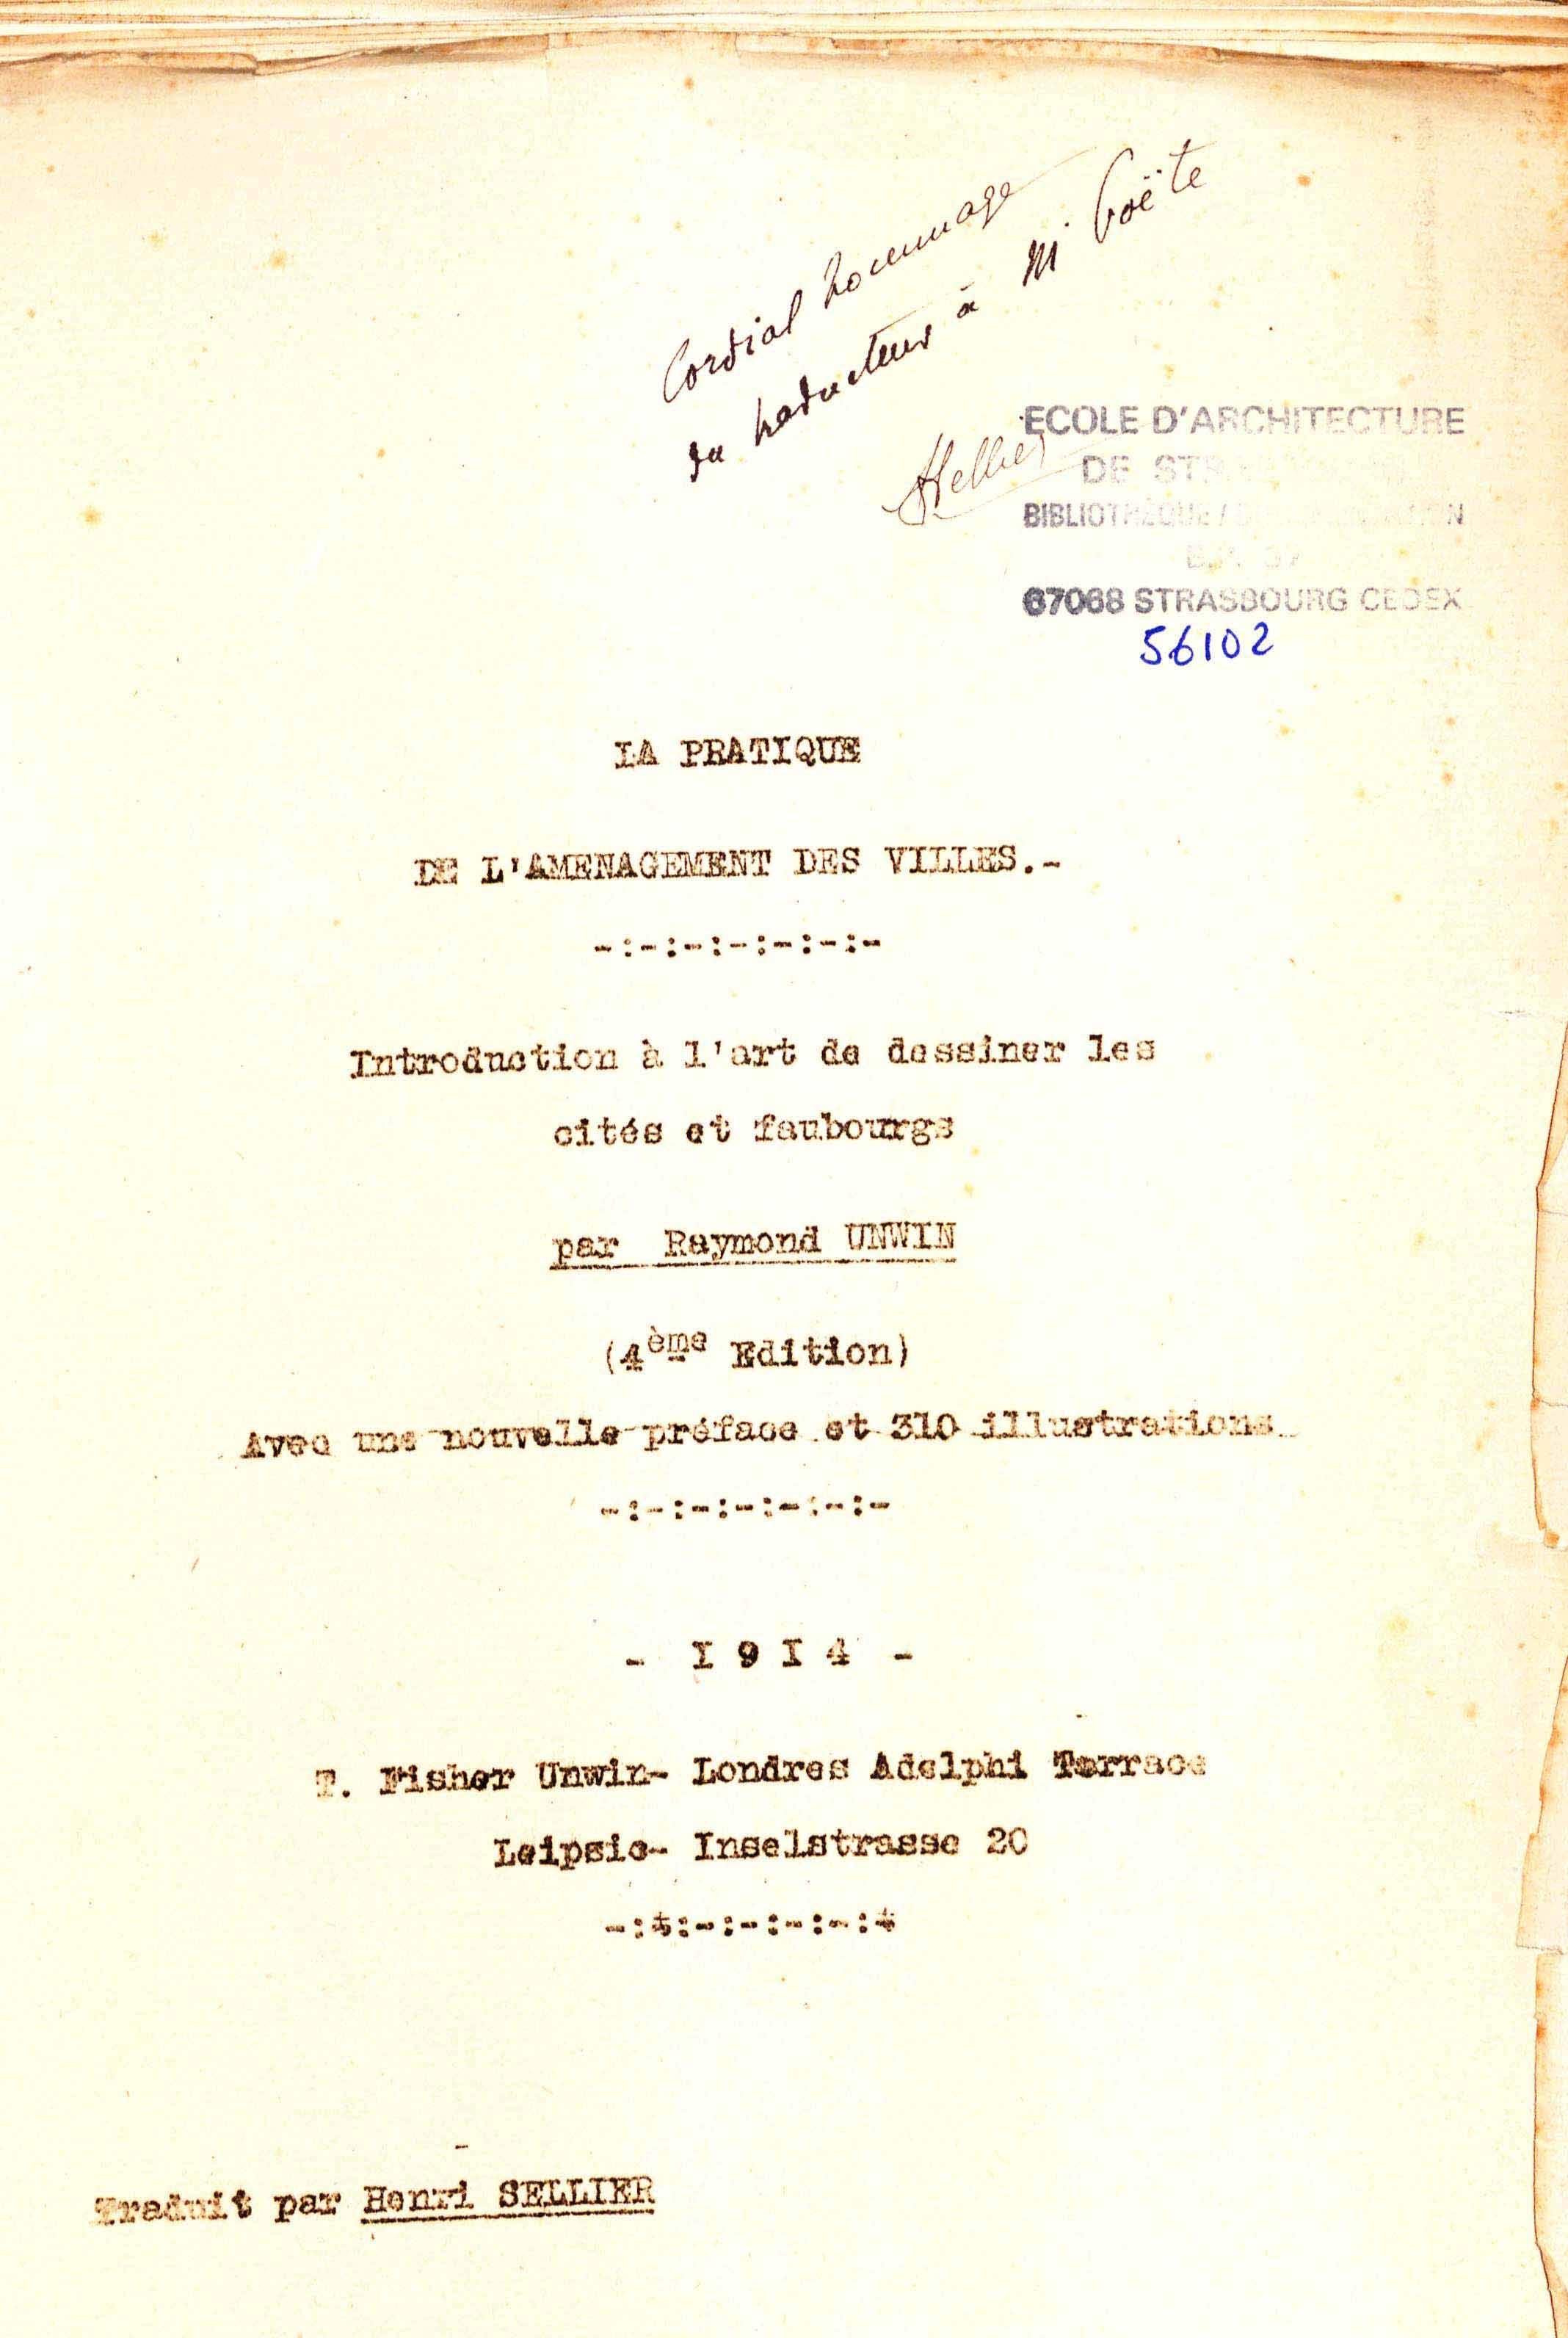 Découverte exceptionnelle d'un manuscrit de Henri Sellier à l'ENSAS